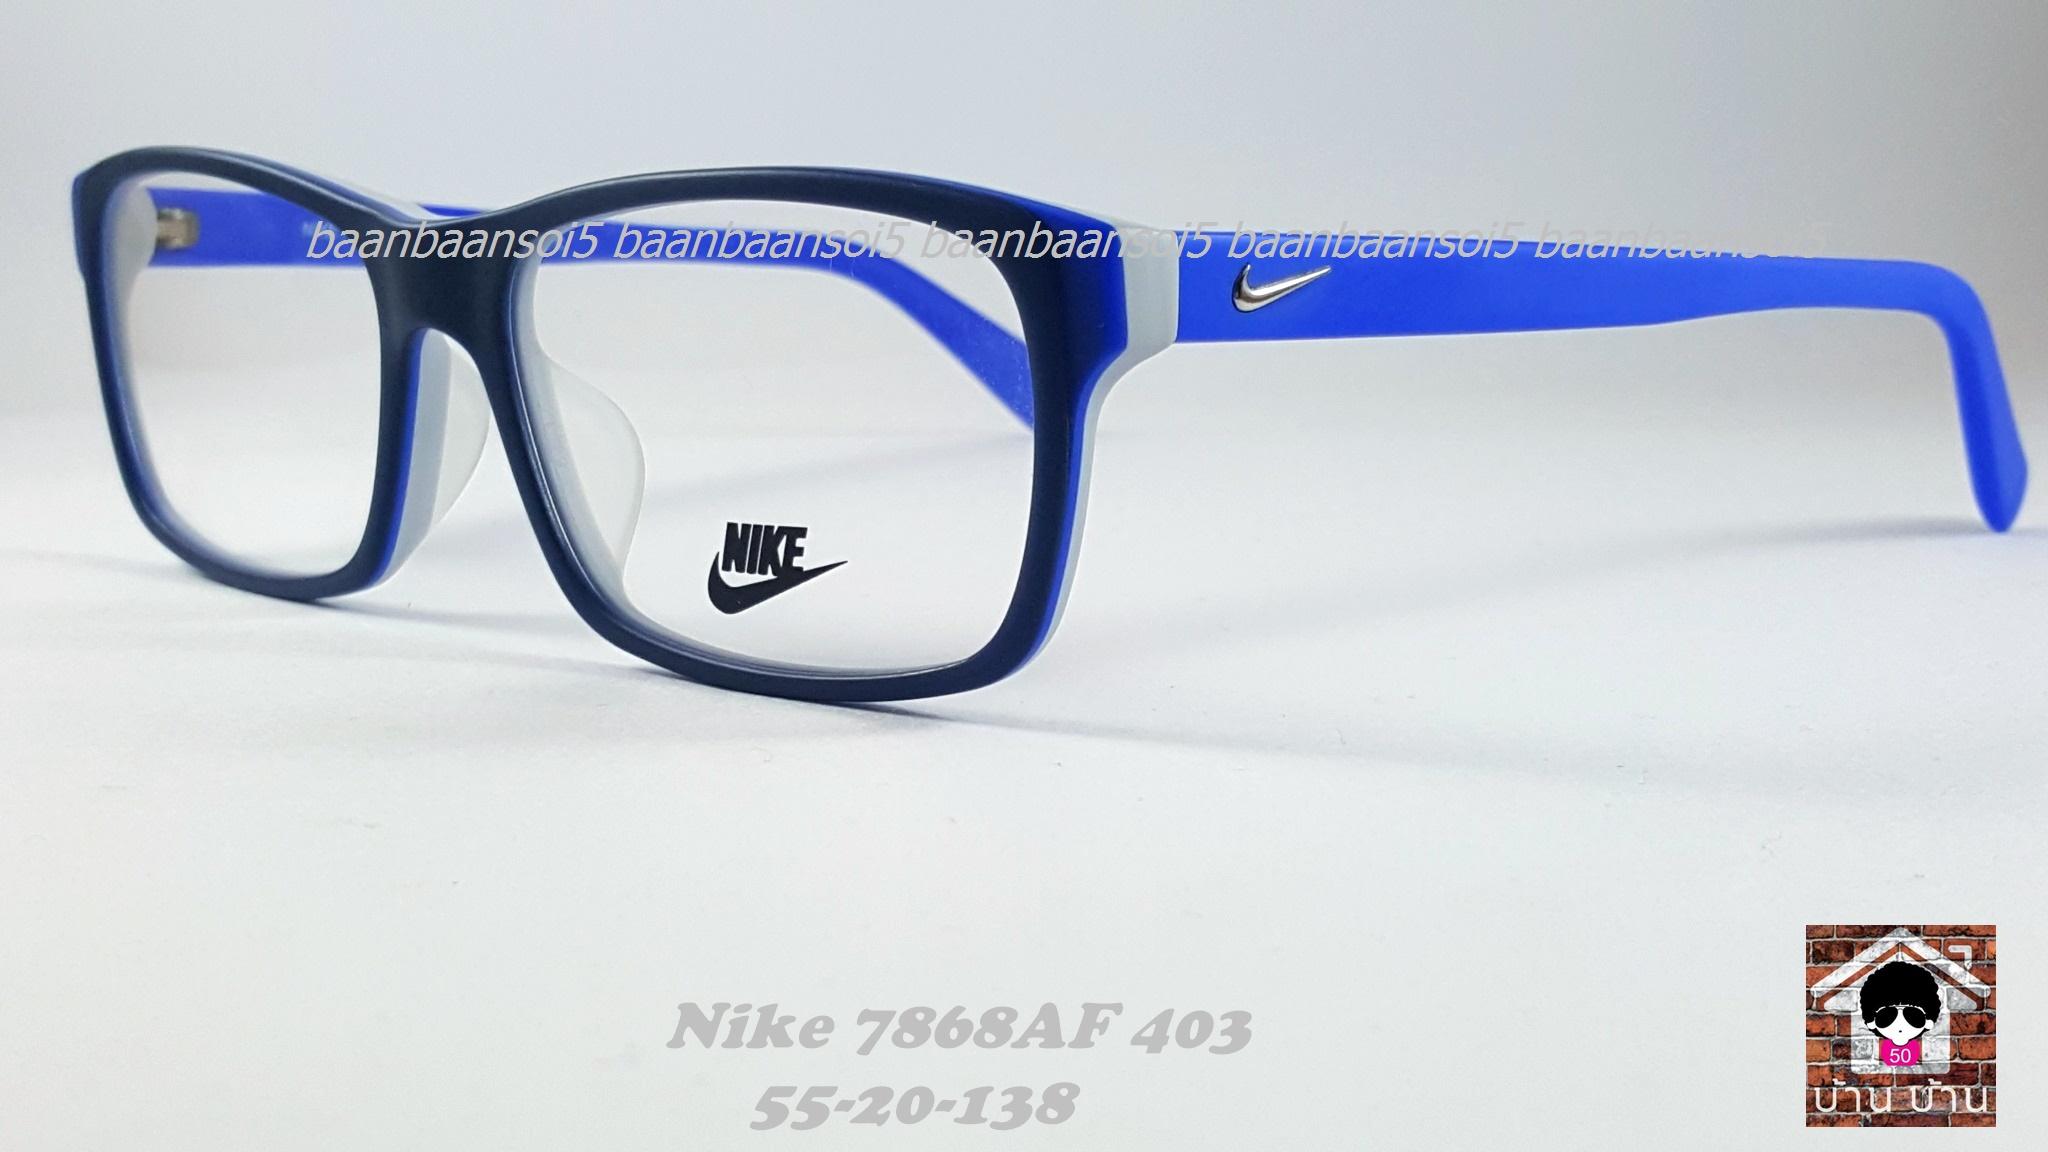 NIKE BRAND ORIGINALแท้ 7868 AF 403 กรอบแว่นตาพร้อมเลนส์ มัลติโค๊ตHOYA ป้องกันรังสีคอม 3,200 บาท